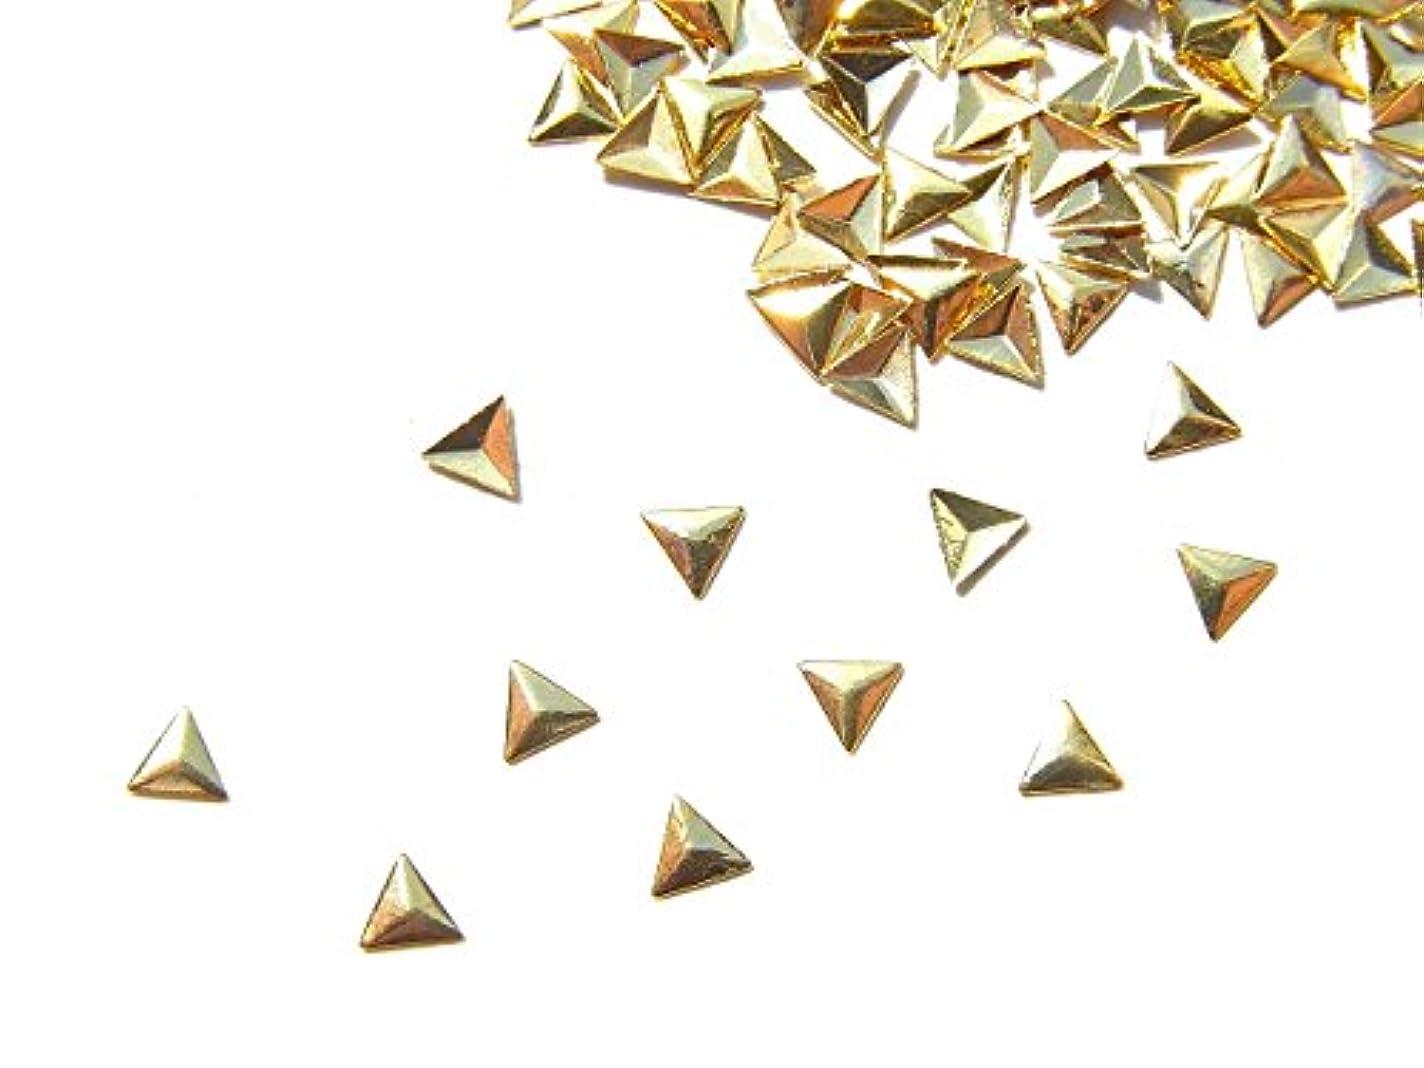 葉を拾う郡瞳【jewel】mp14 ゴールド メタルパーツ 三角型 トライアングル 10個入り ネイルアートパーツ レジンパーツ